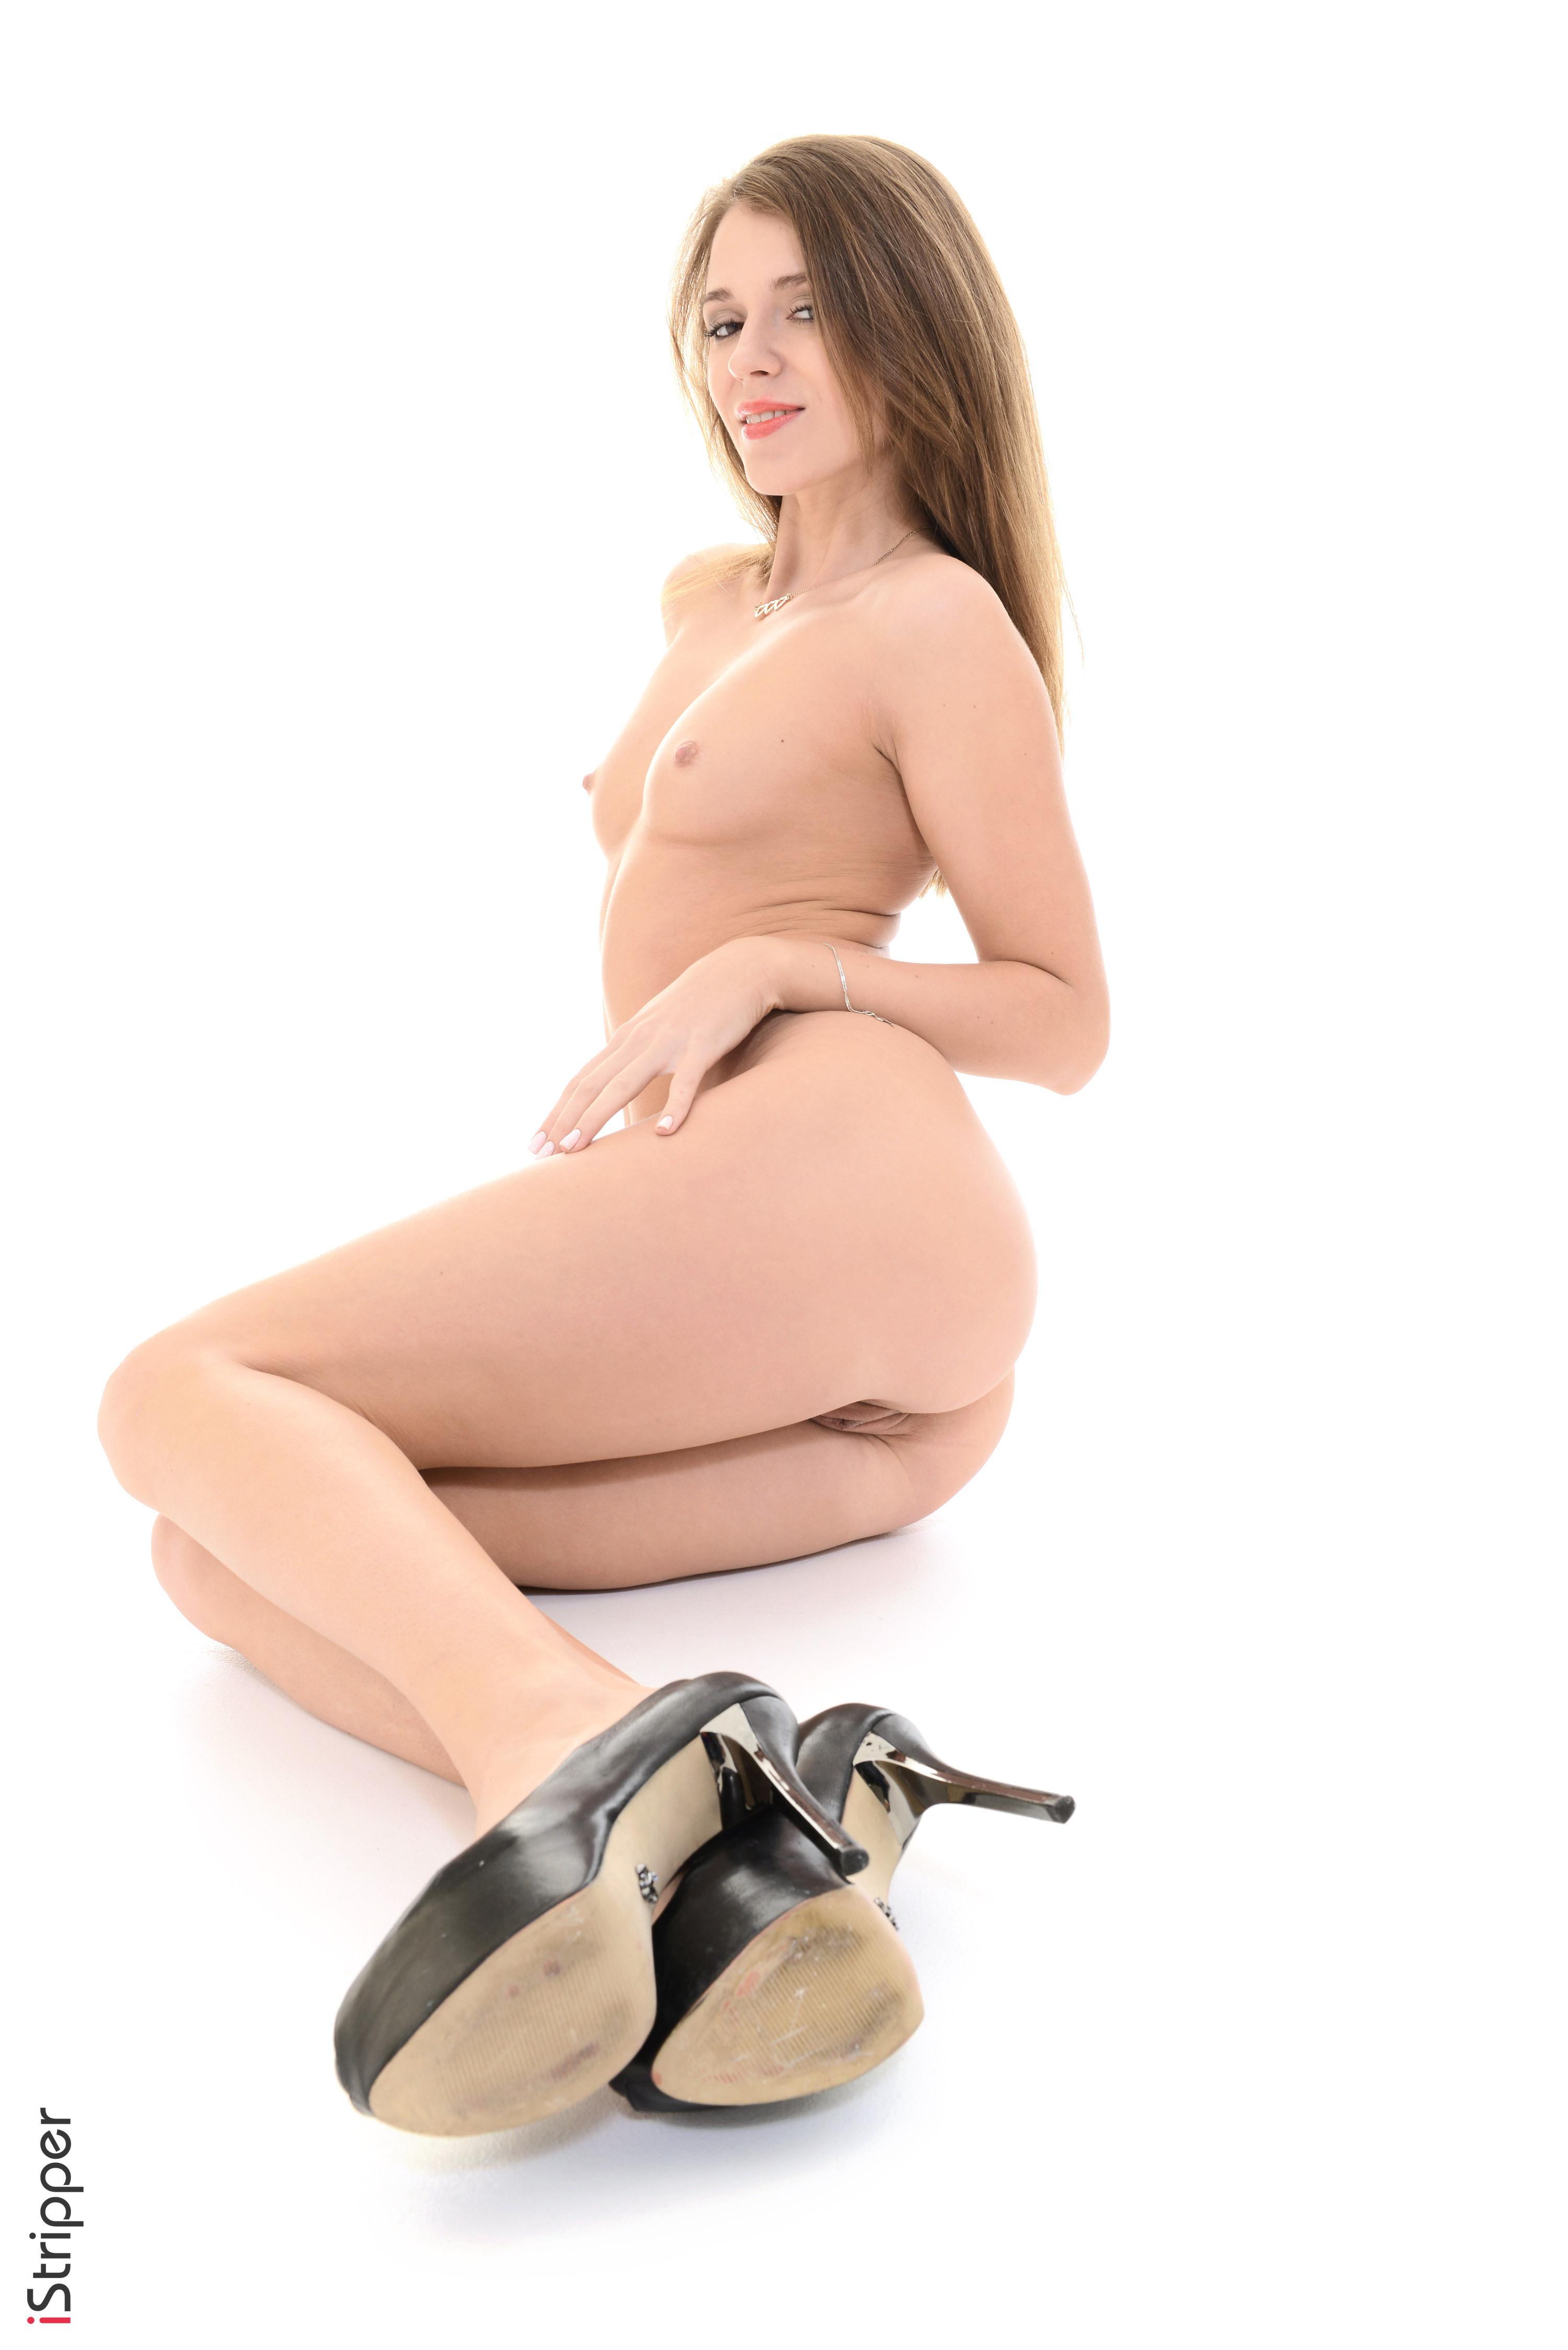 naked girl screensaver